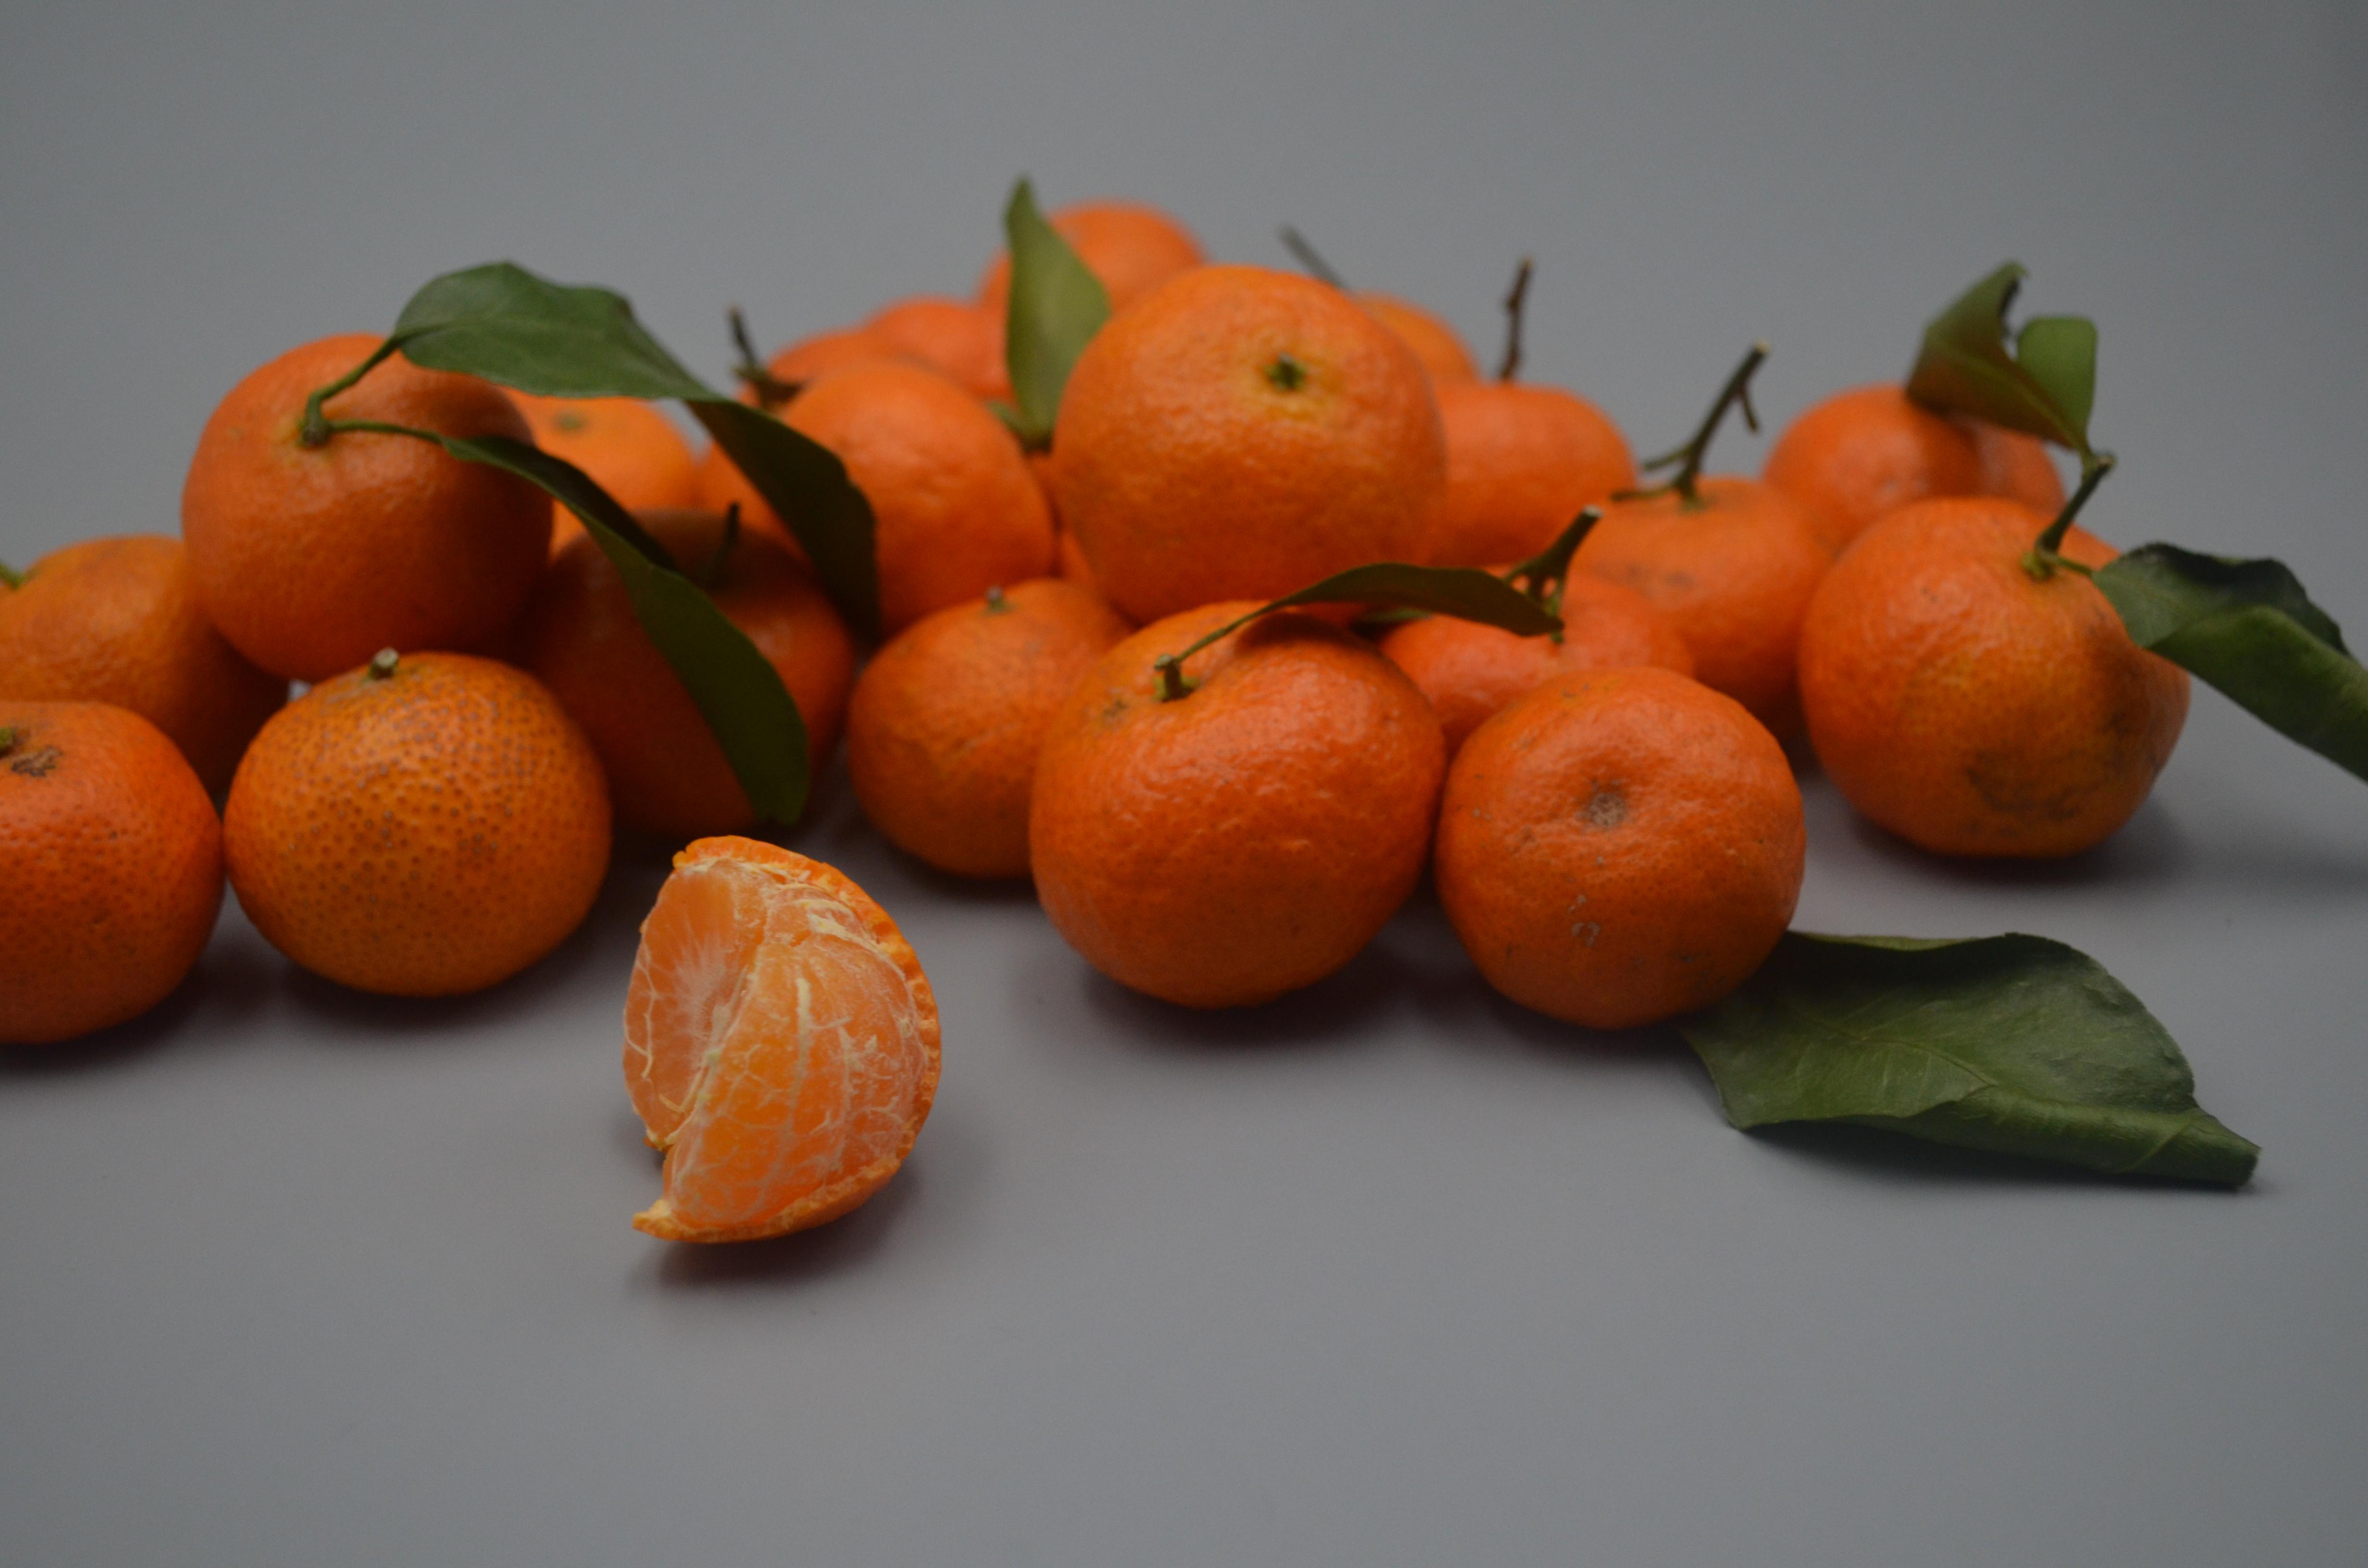 """你喜歡吃砂糖橘嗎? 記住""""3看1捏"""",砂糖橘清甜味道好,漲知識"""